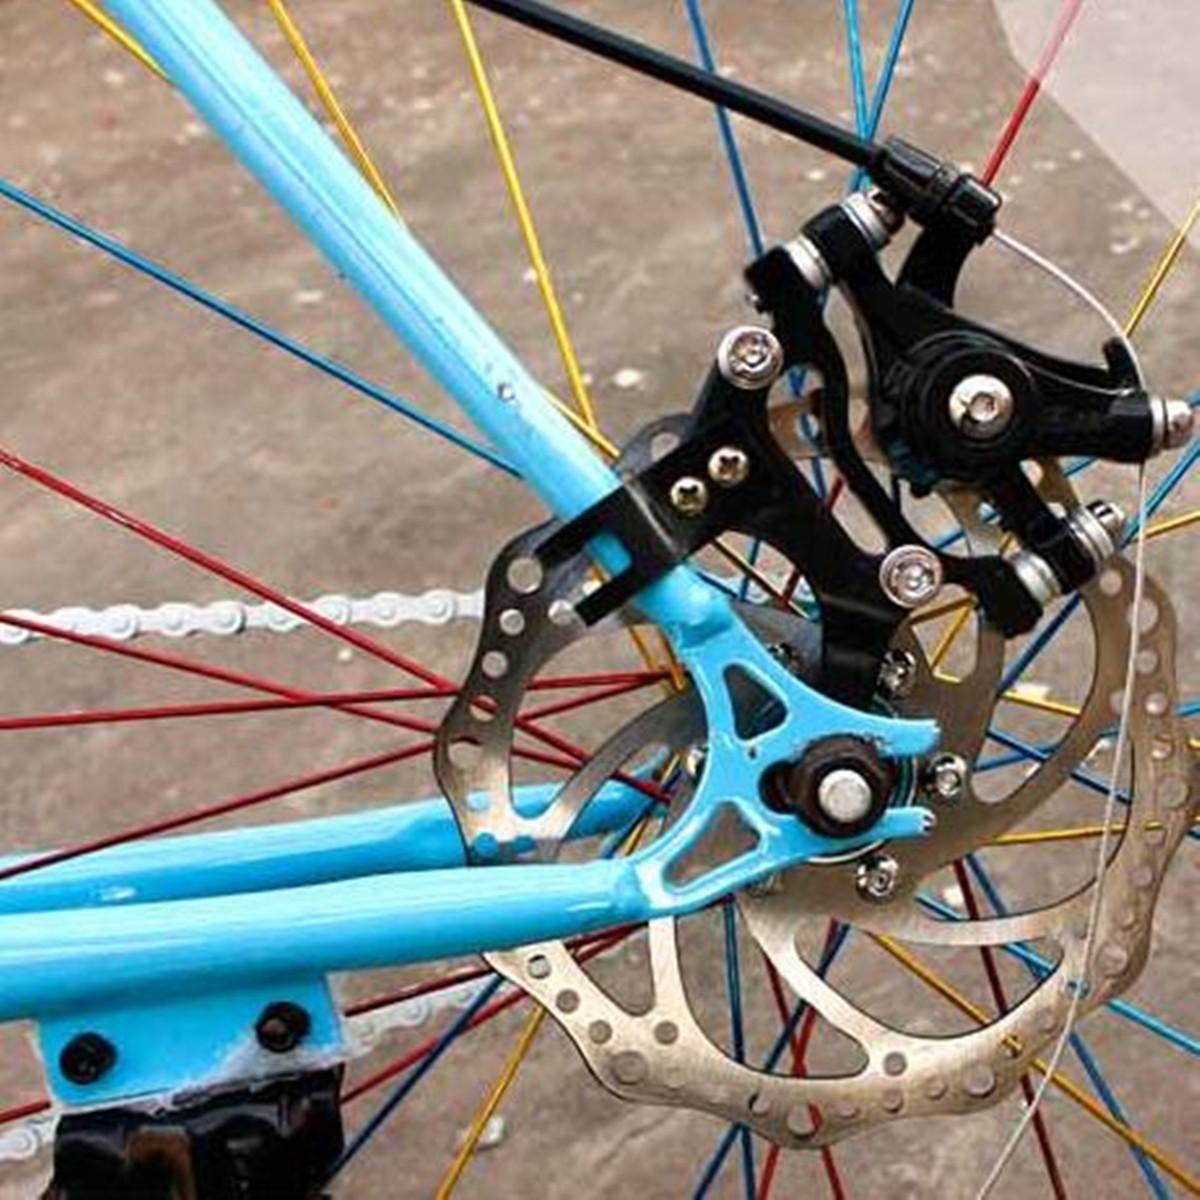 Bike Disc Brake Bracket Frame Adaptor For 160mm Rotor Bicycle Components Alexnld Com